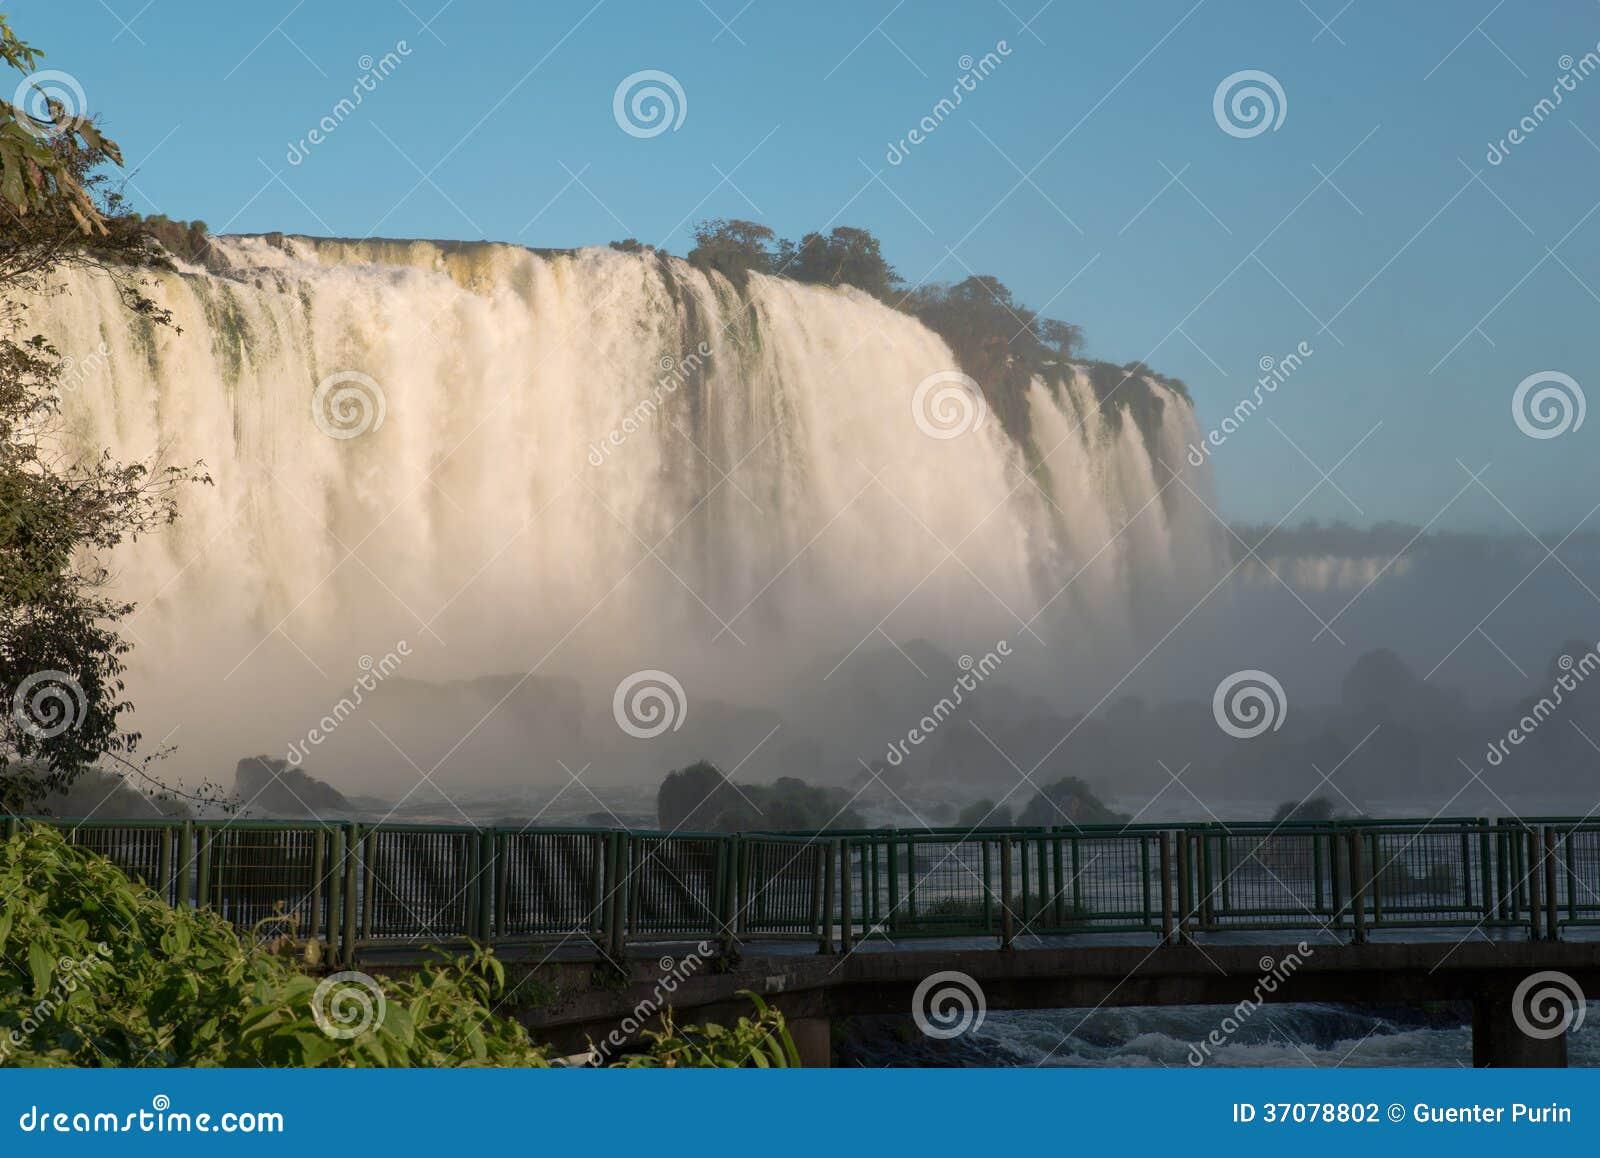 Download Iguazu siklawy zdjęcie stock. Obraz złożonej z niebo - 37078802